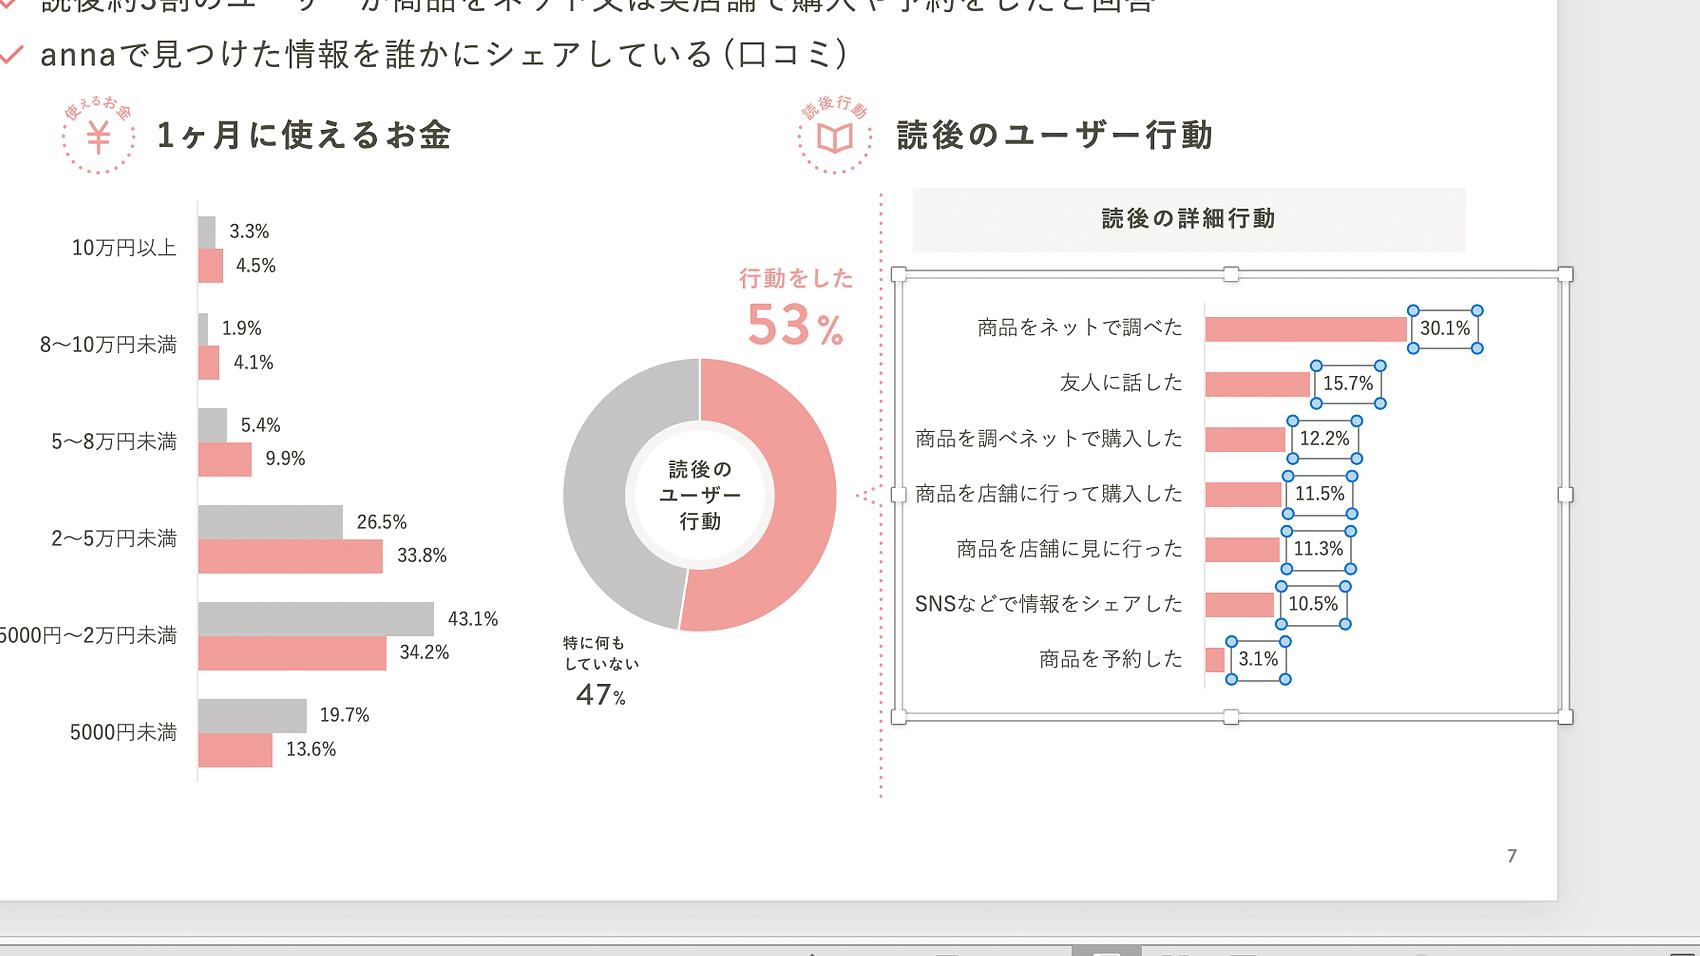 powerpointで作成したグラフ